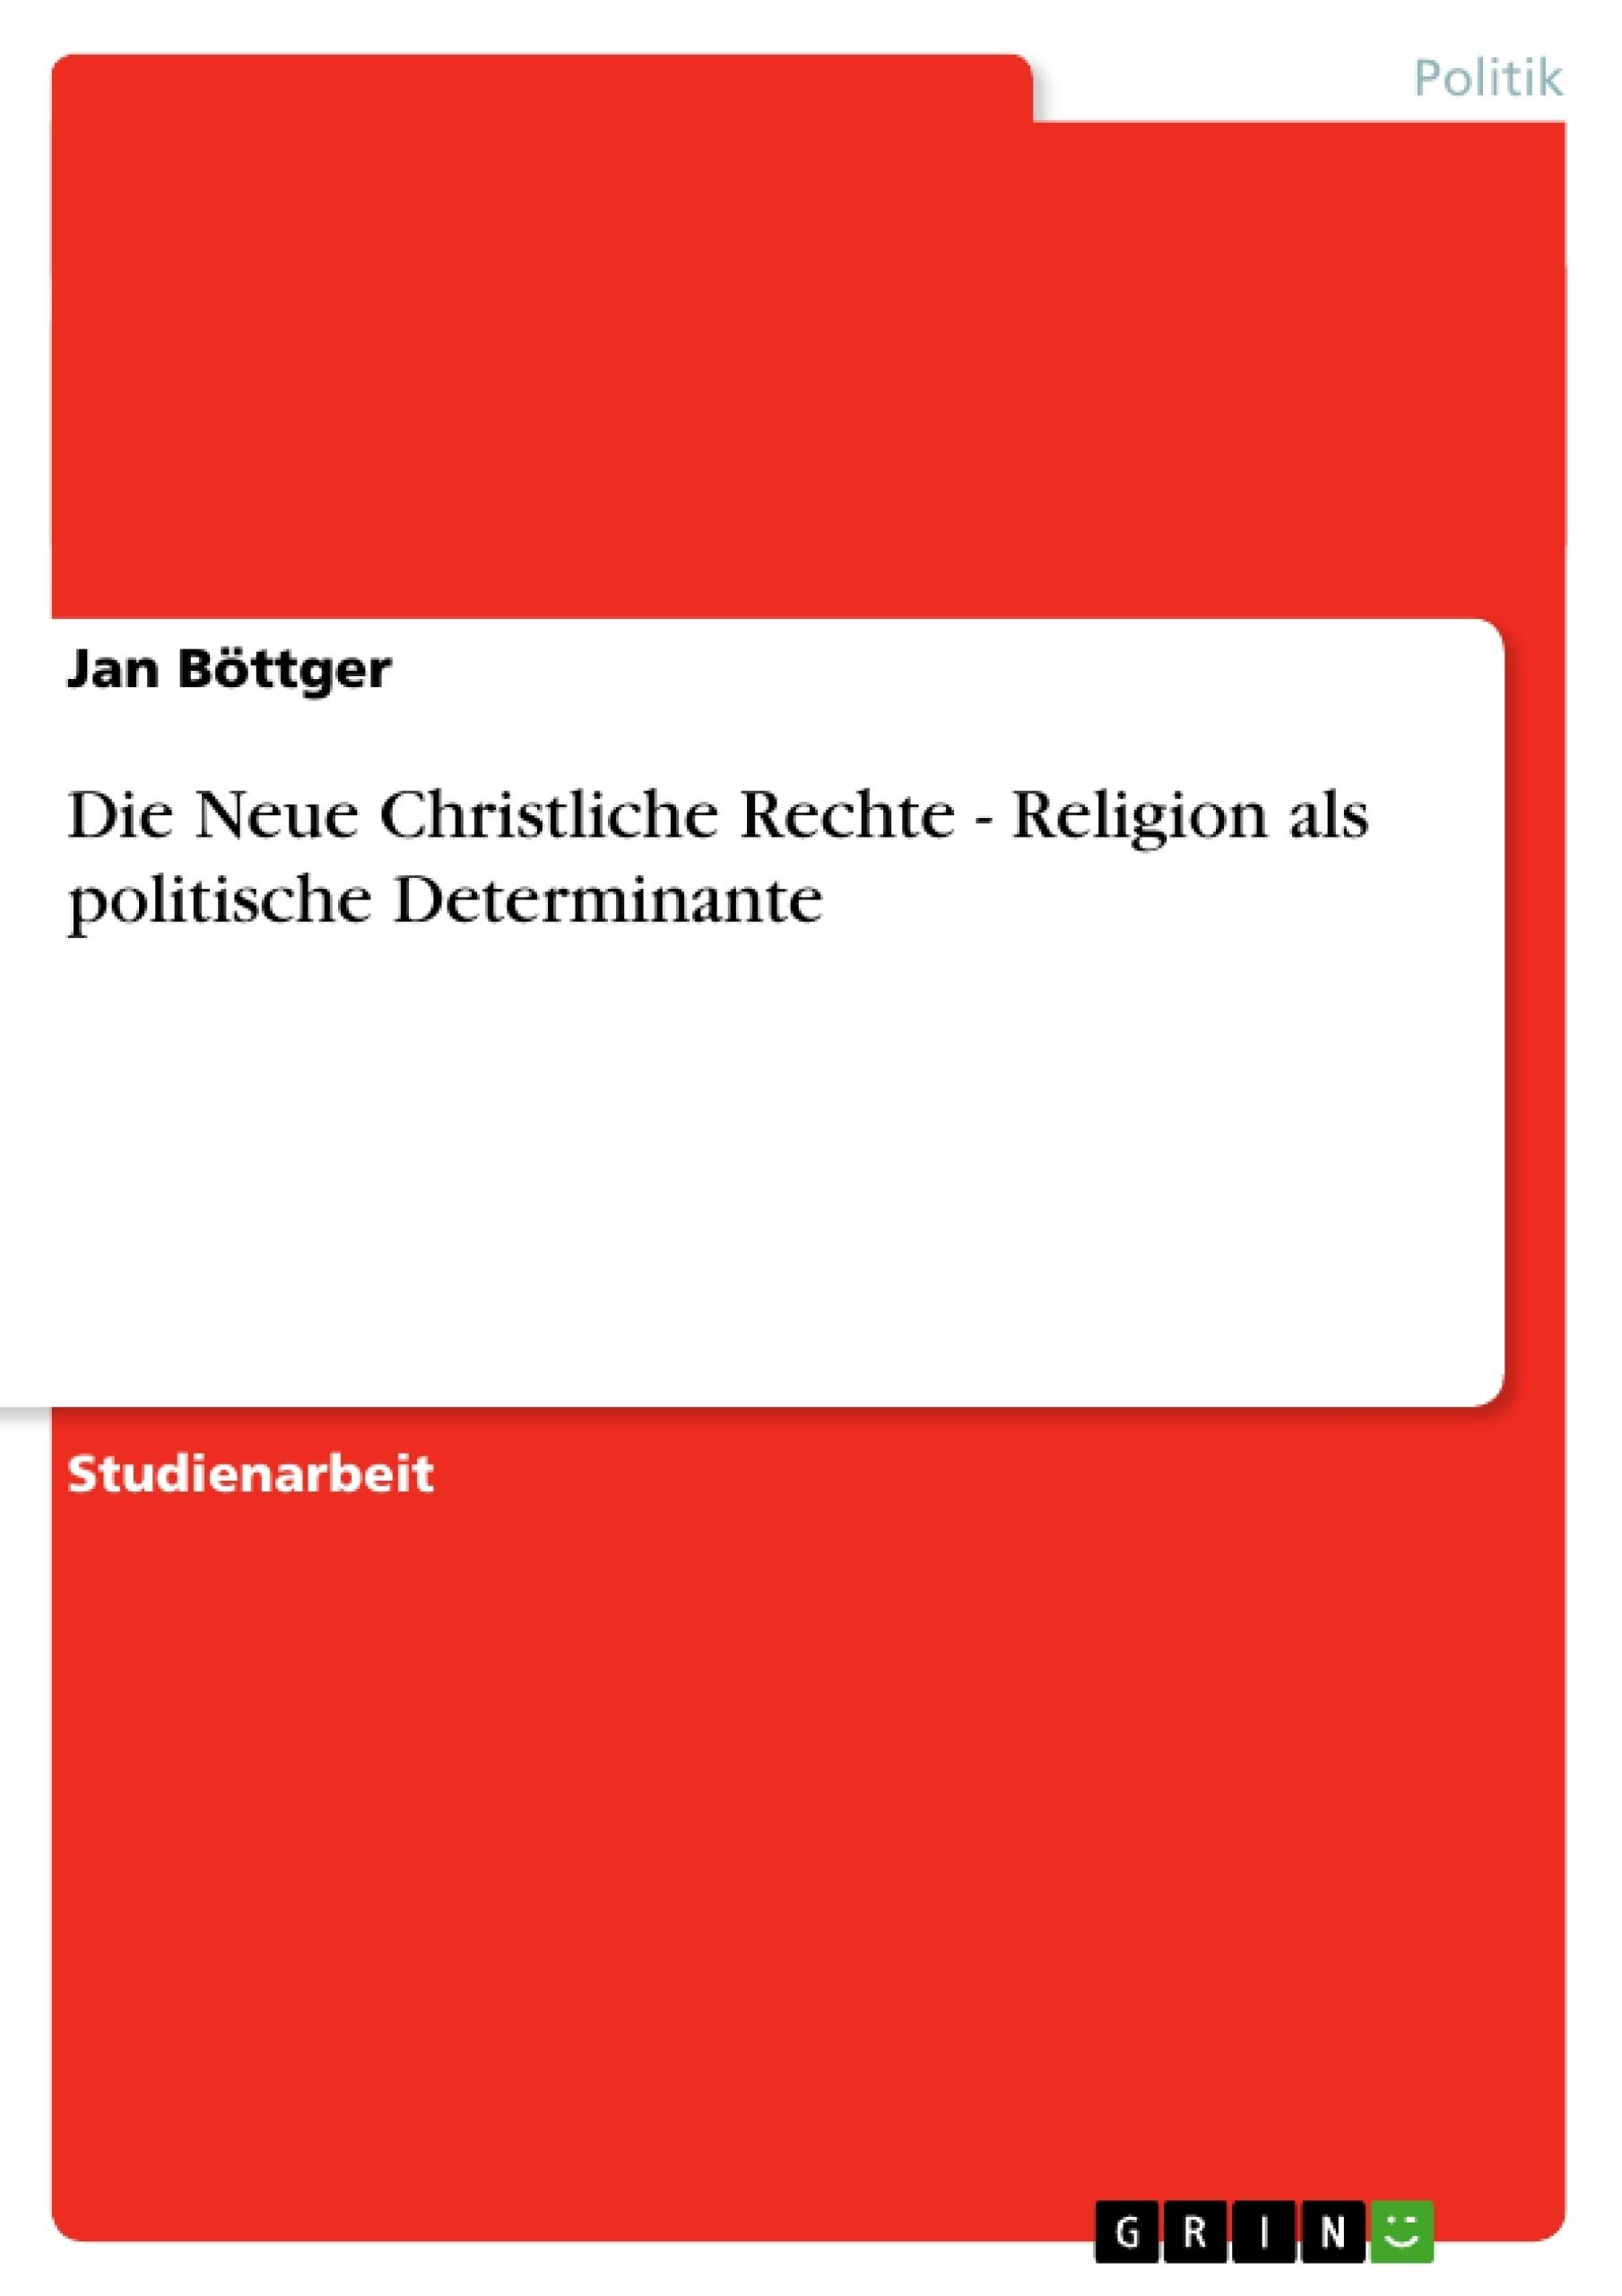 Titel: Die Neue Christliche Rechte - Religion als politische Determinante